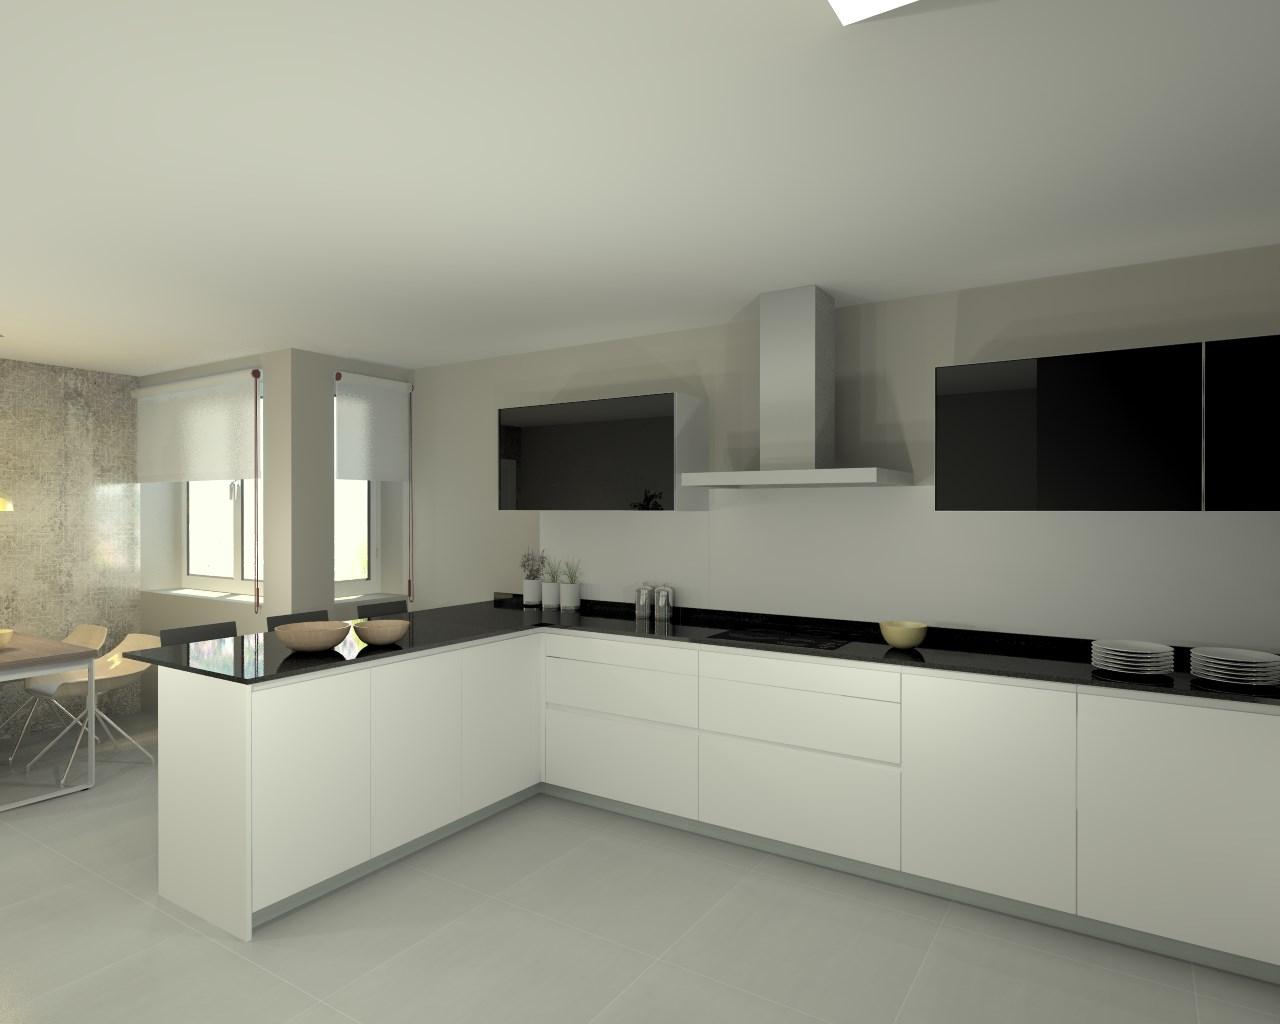 Aravaca cocina santos modelo line e blanco encimera - Cocinas con electrodomesticos blancos ...